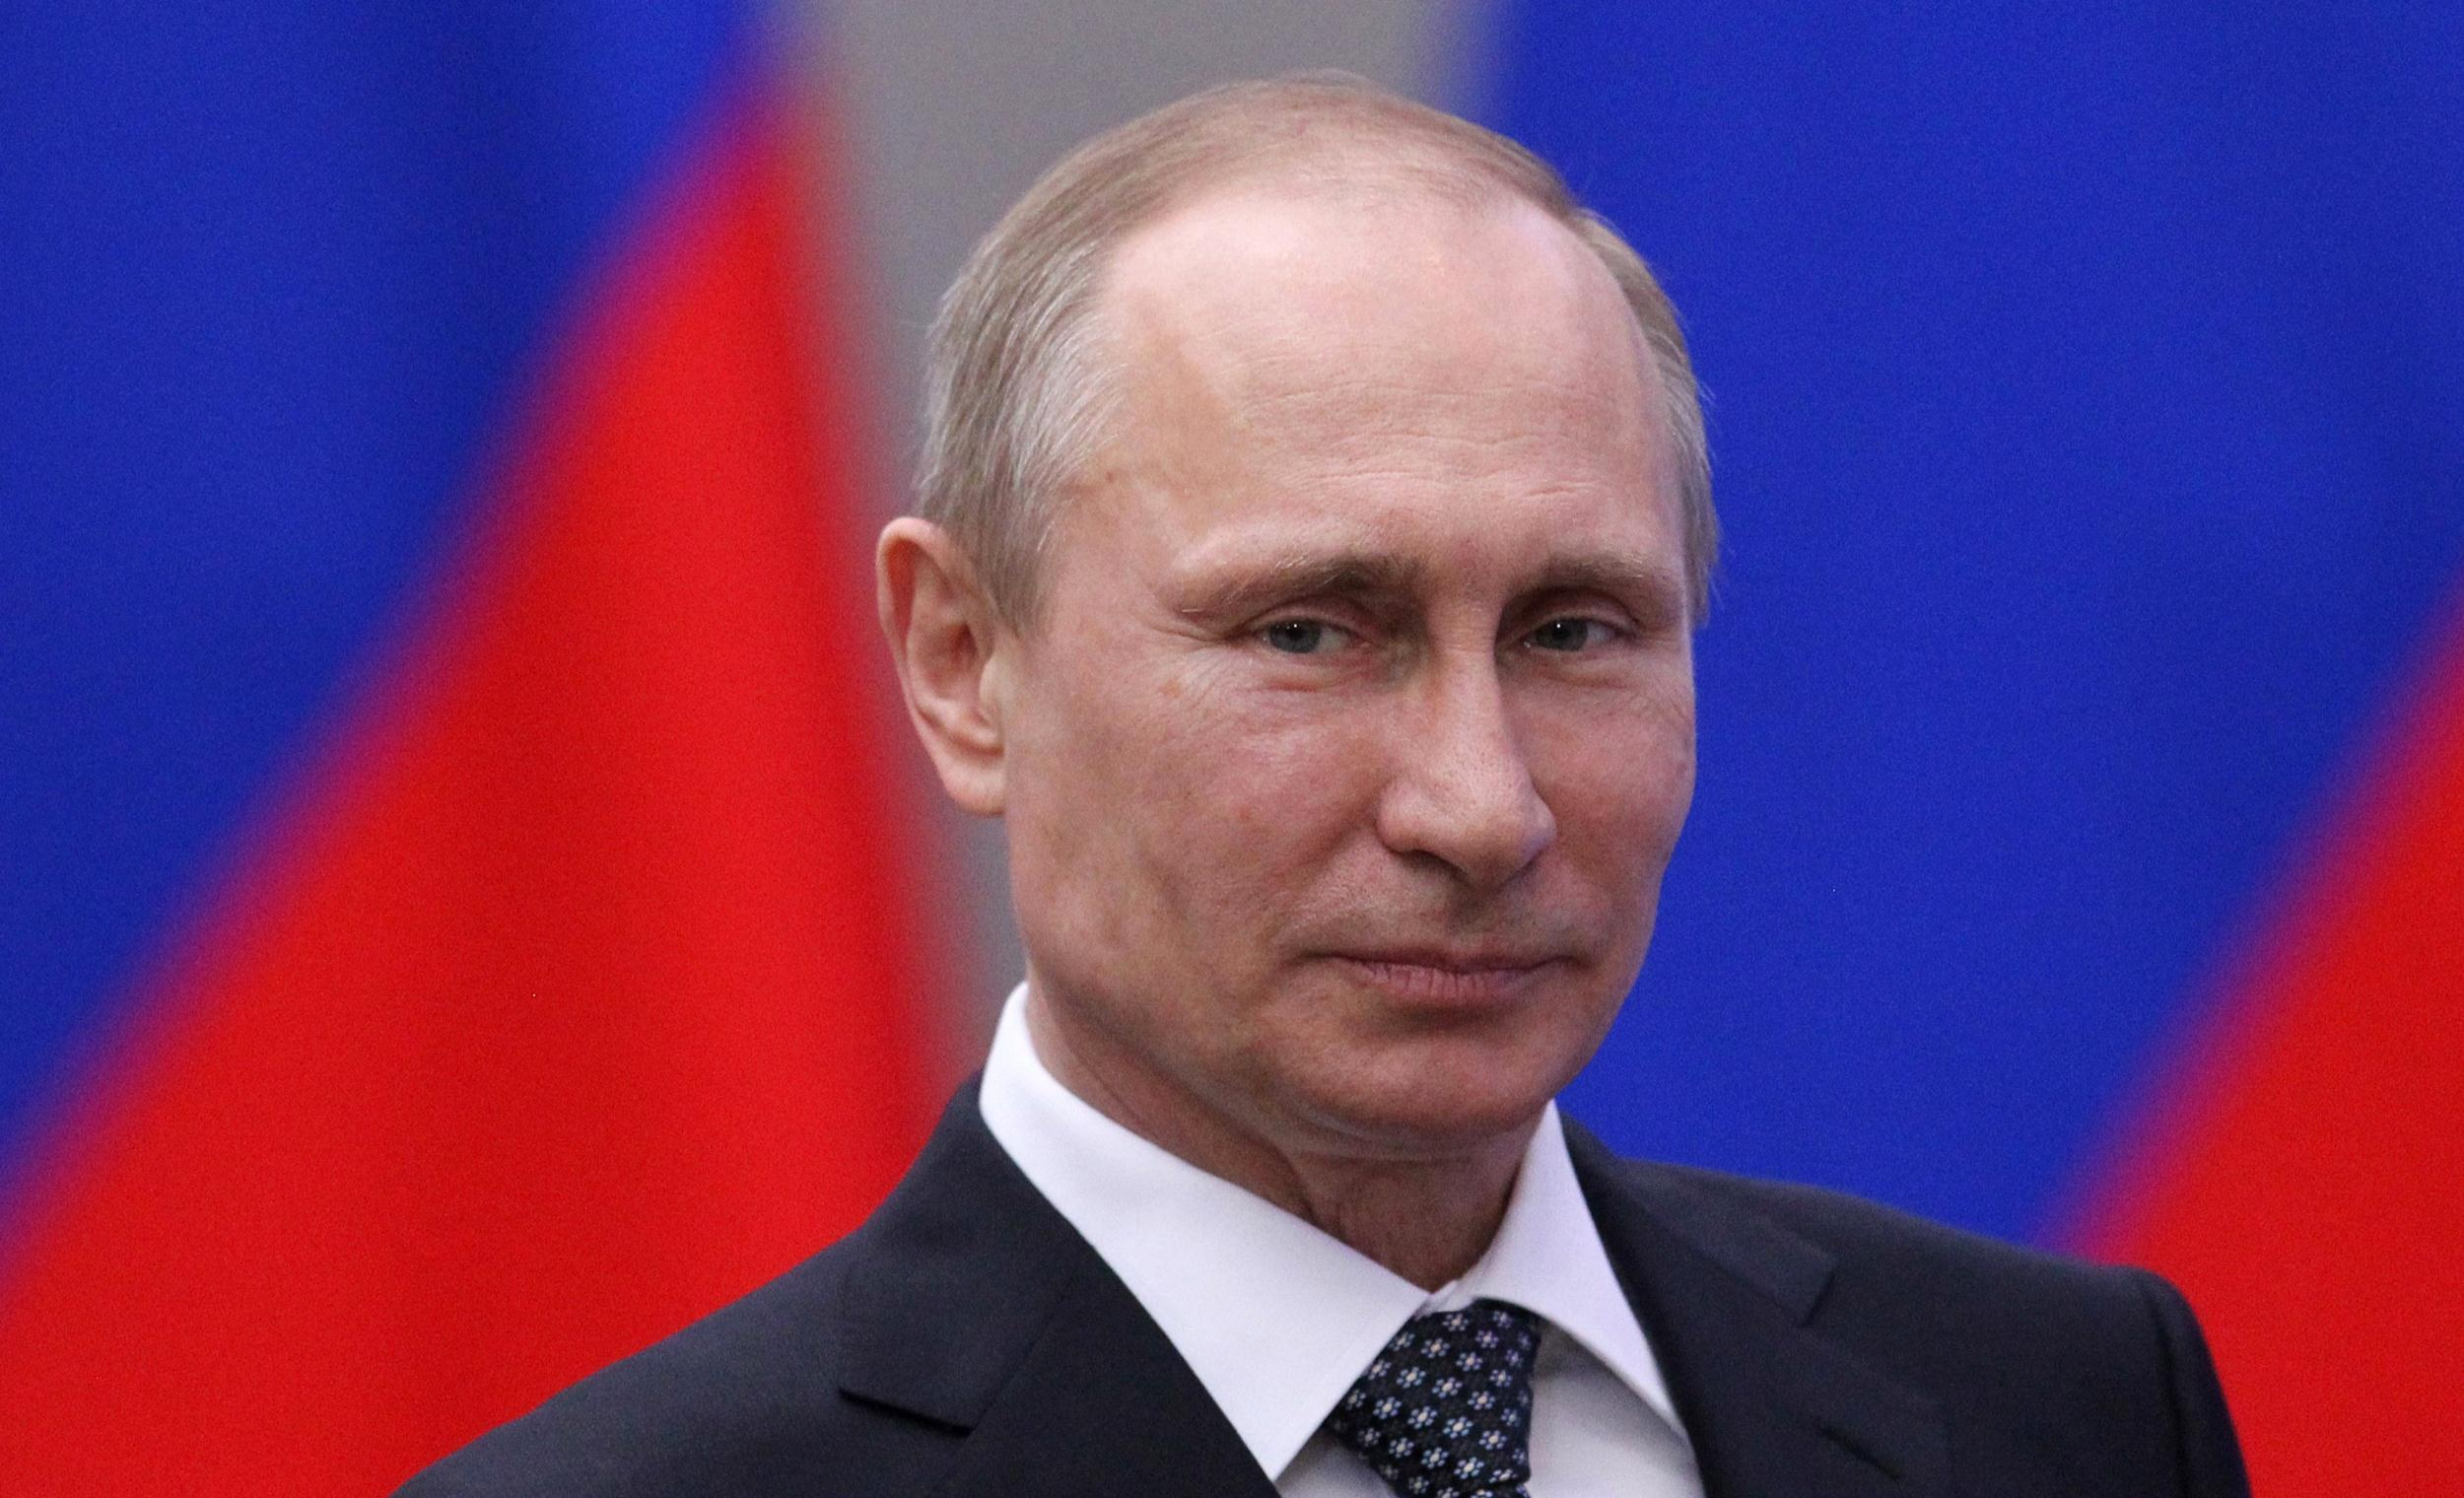 Putin'den yabancı basının 'ajan' olarak tanınmasına onay!